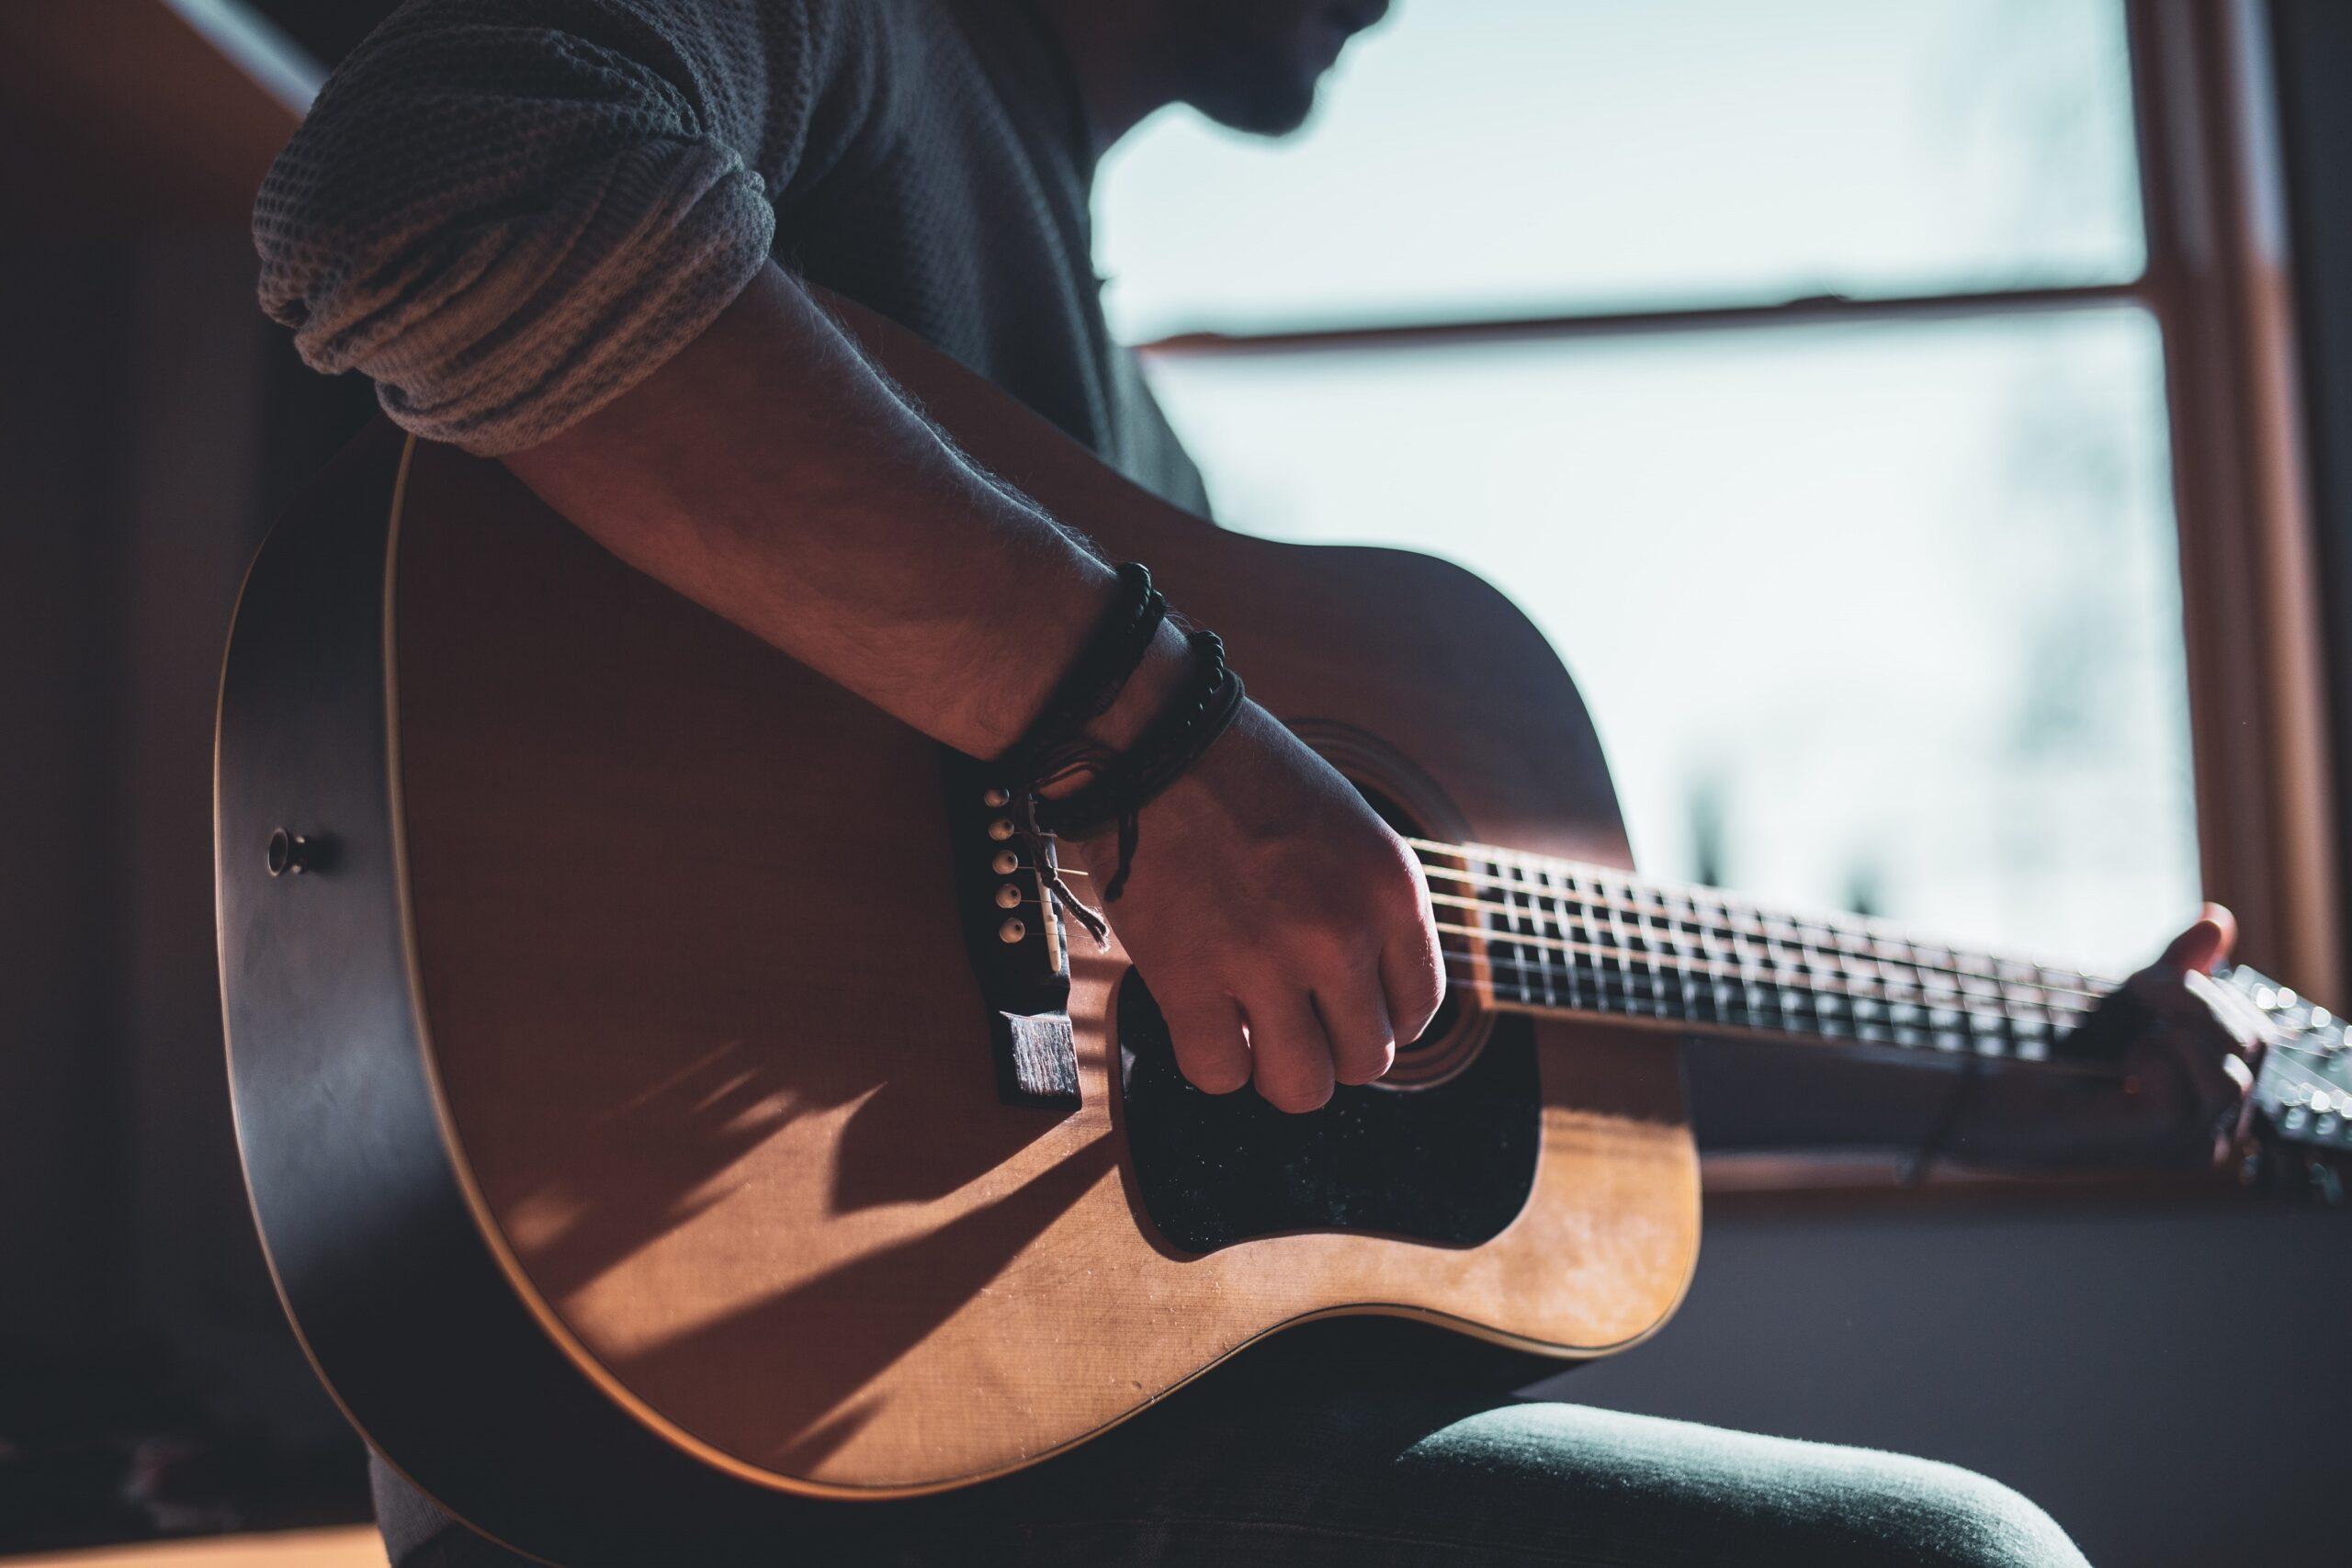 Jak wysłać gitarę kurierem? Poradnik w kilku krokach